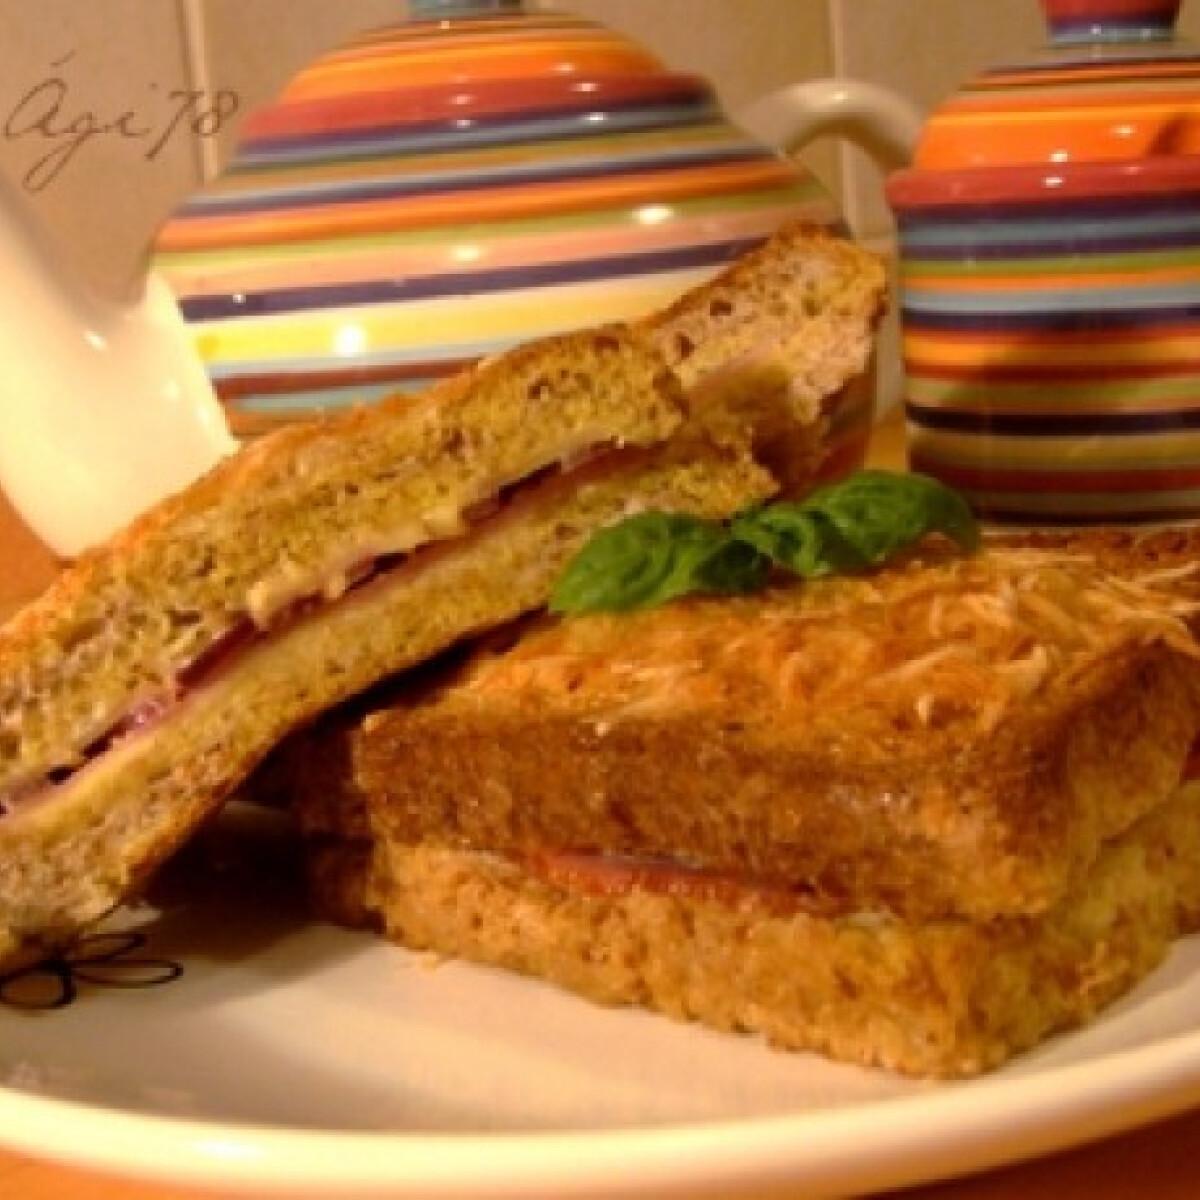 Ezen a képen: Rakott bundás kenyér csőben sütve